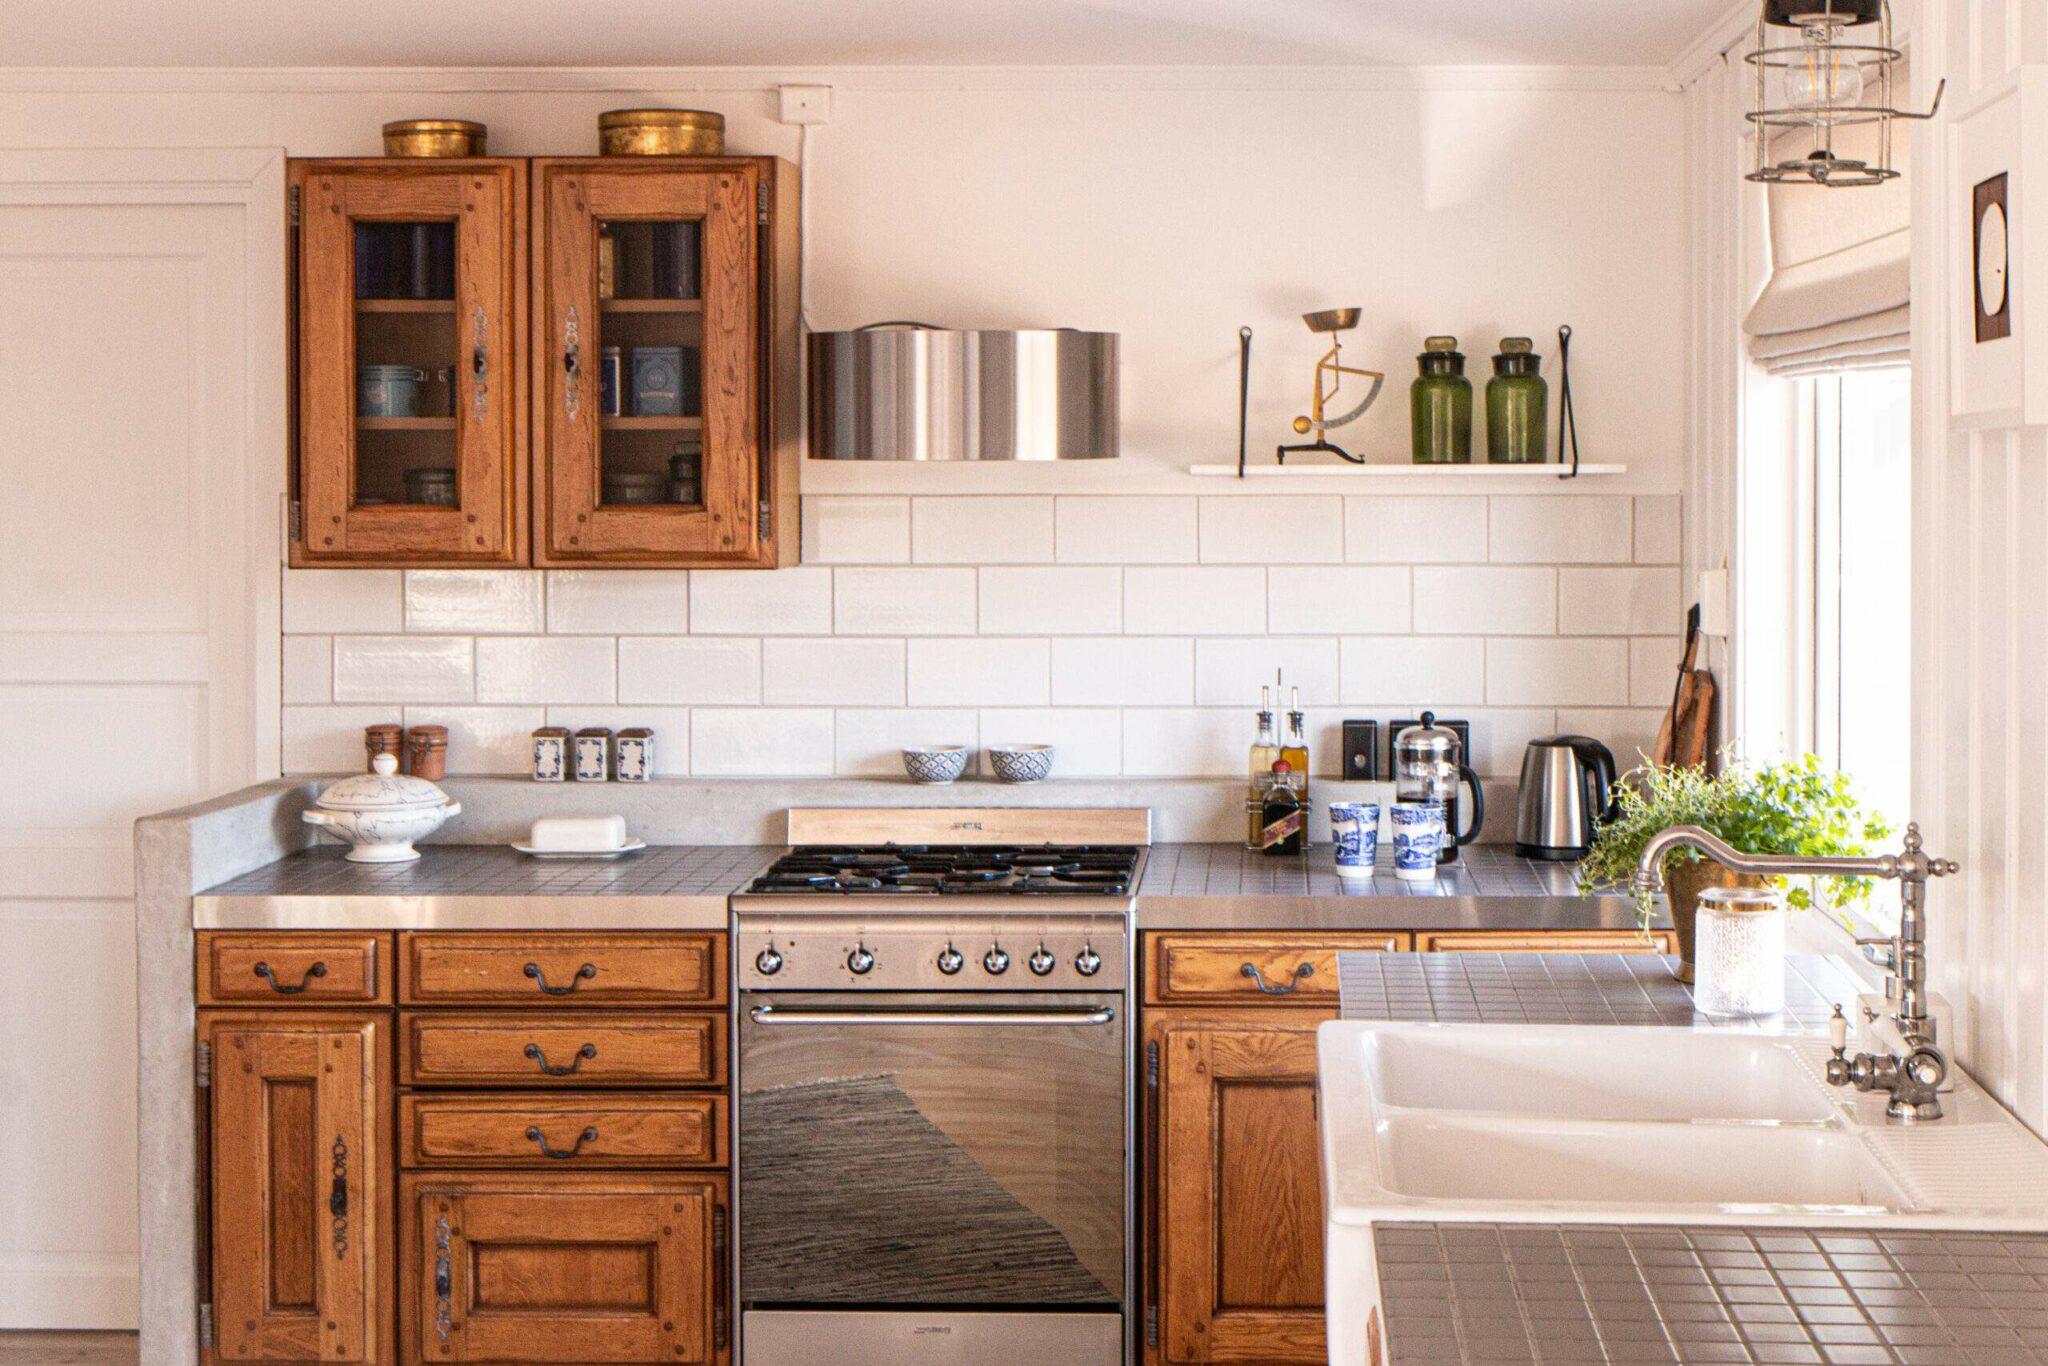 Flislagt kjøkkenbenk